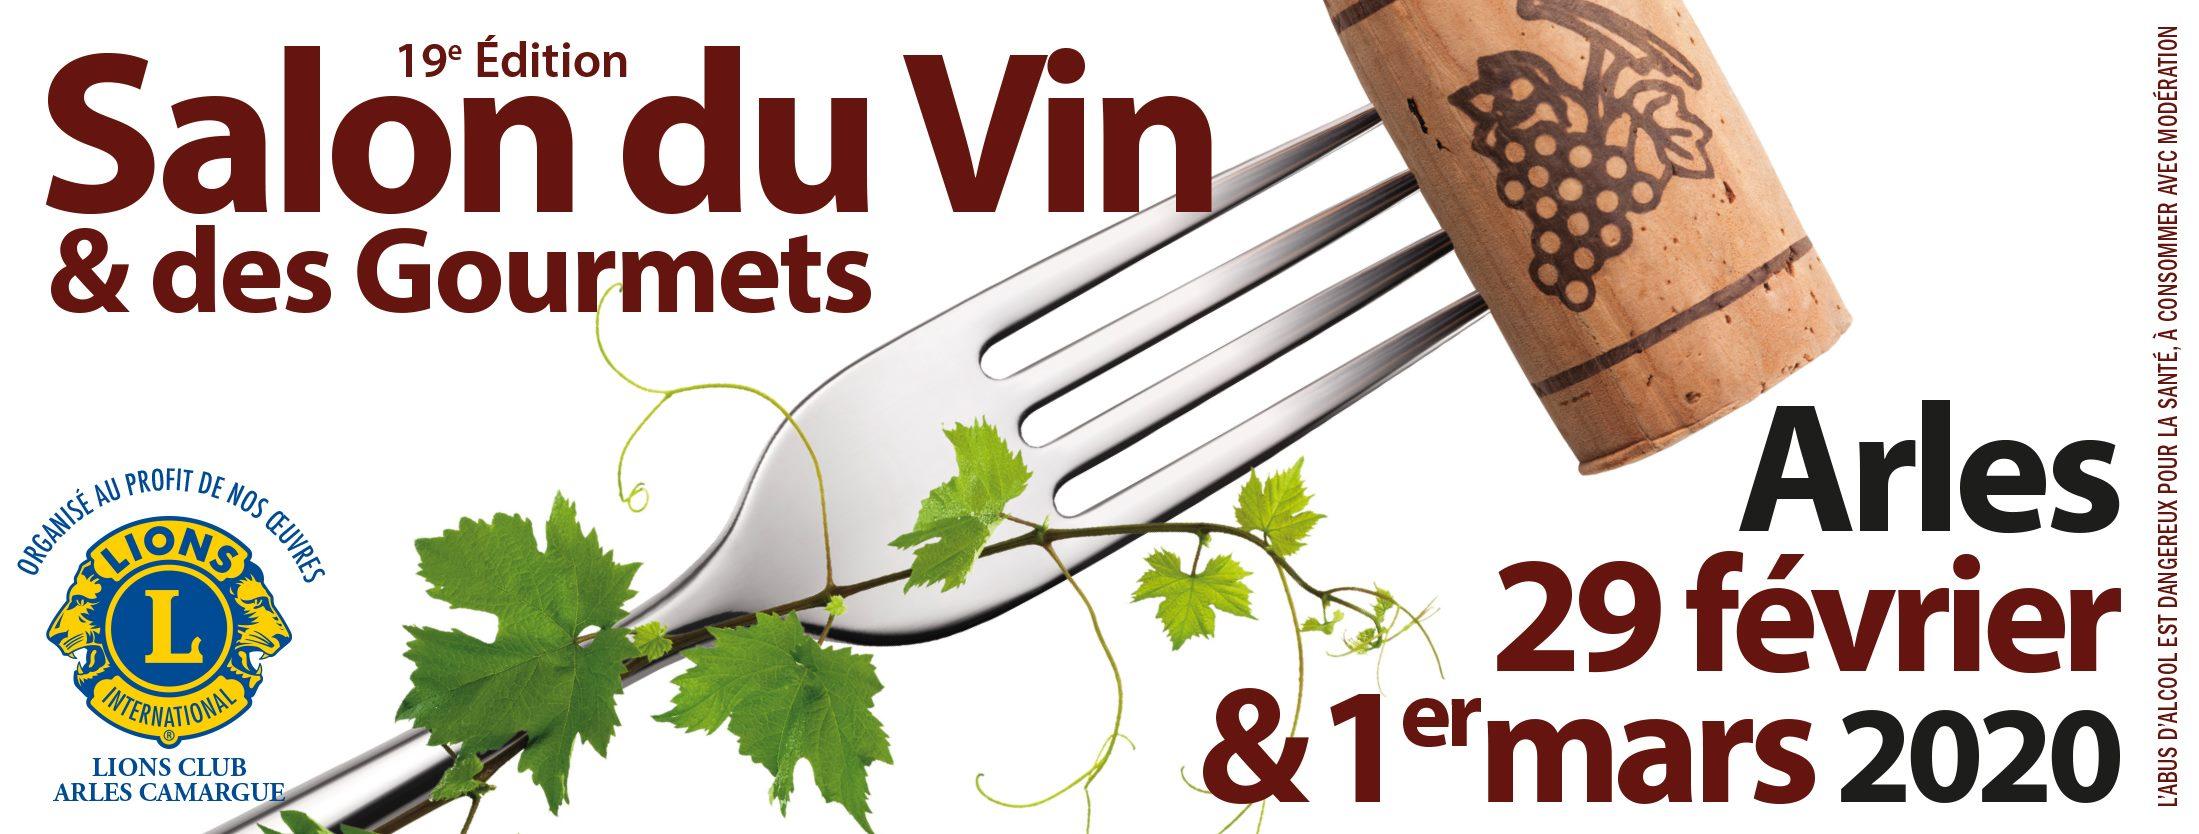 Salon du vin et des gourmets 2020 à Arles